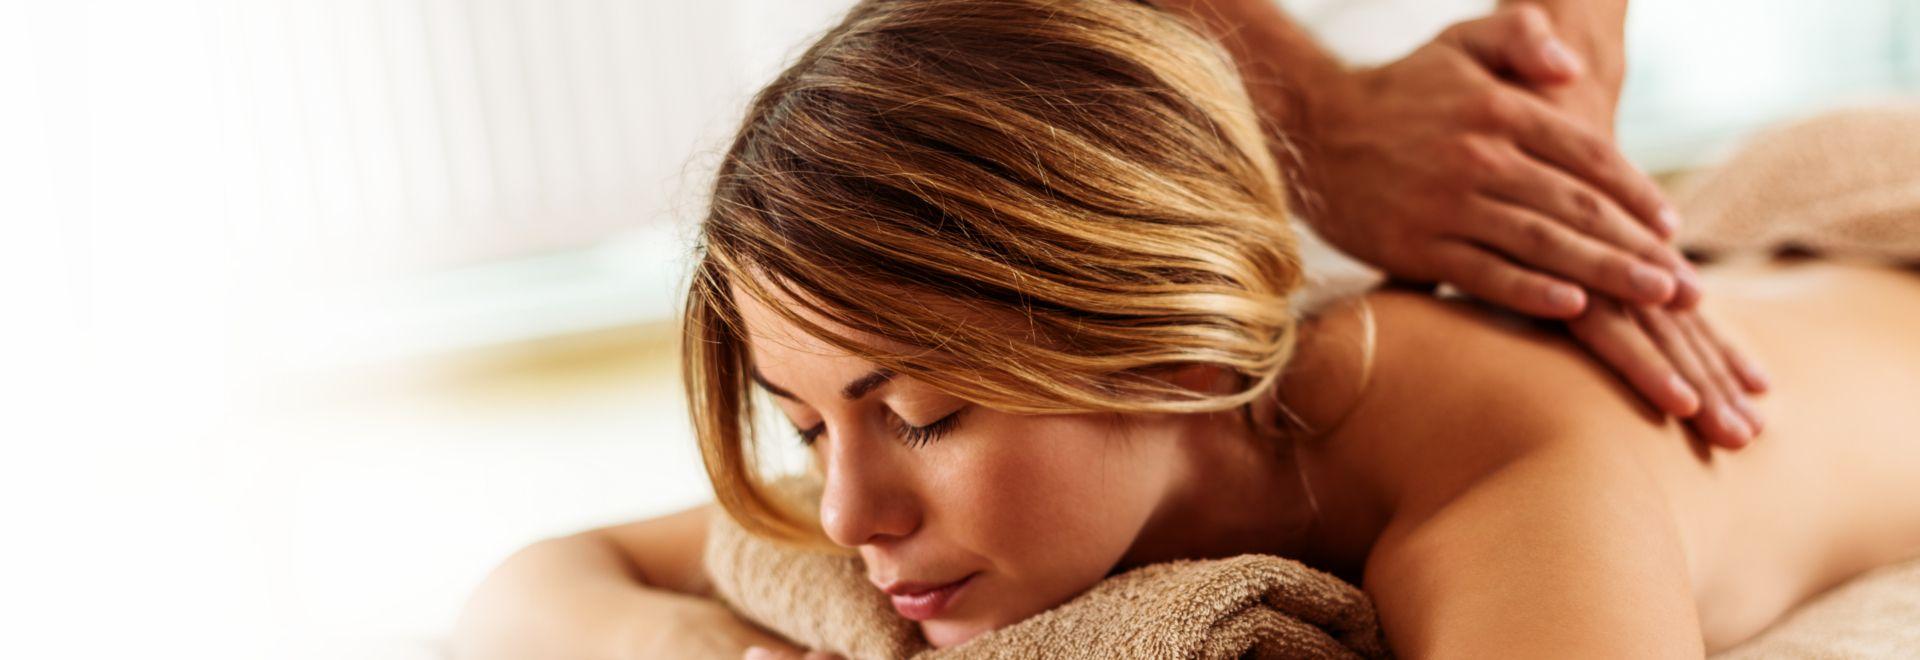 den Kunden Entspannung, Erholung und Regeneration bieten können